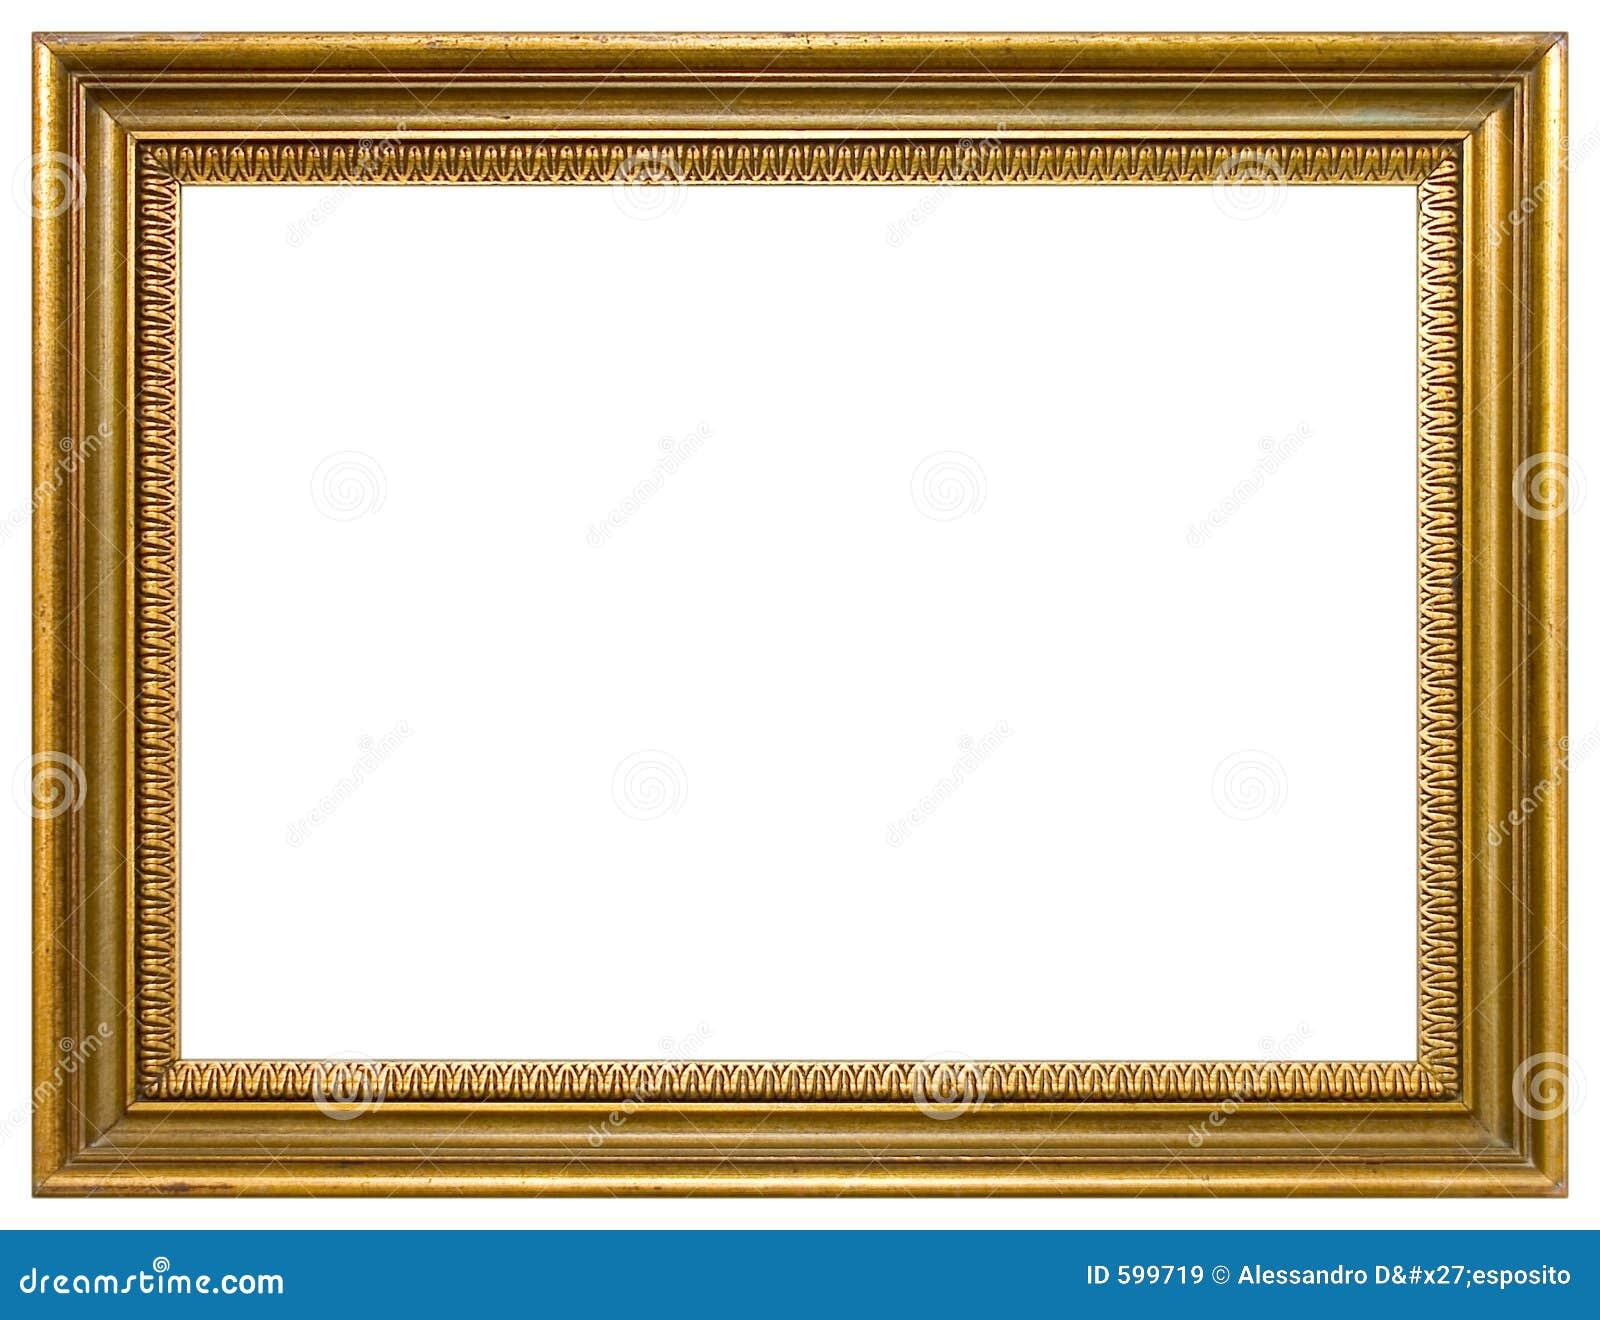 Keilrahmen Mit Tapeten Gestalten : Empty Frames